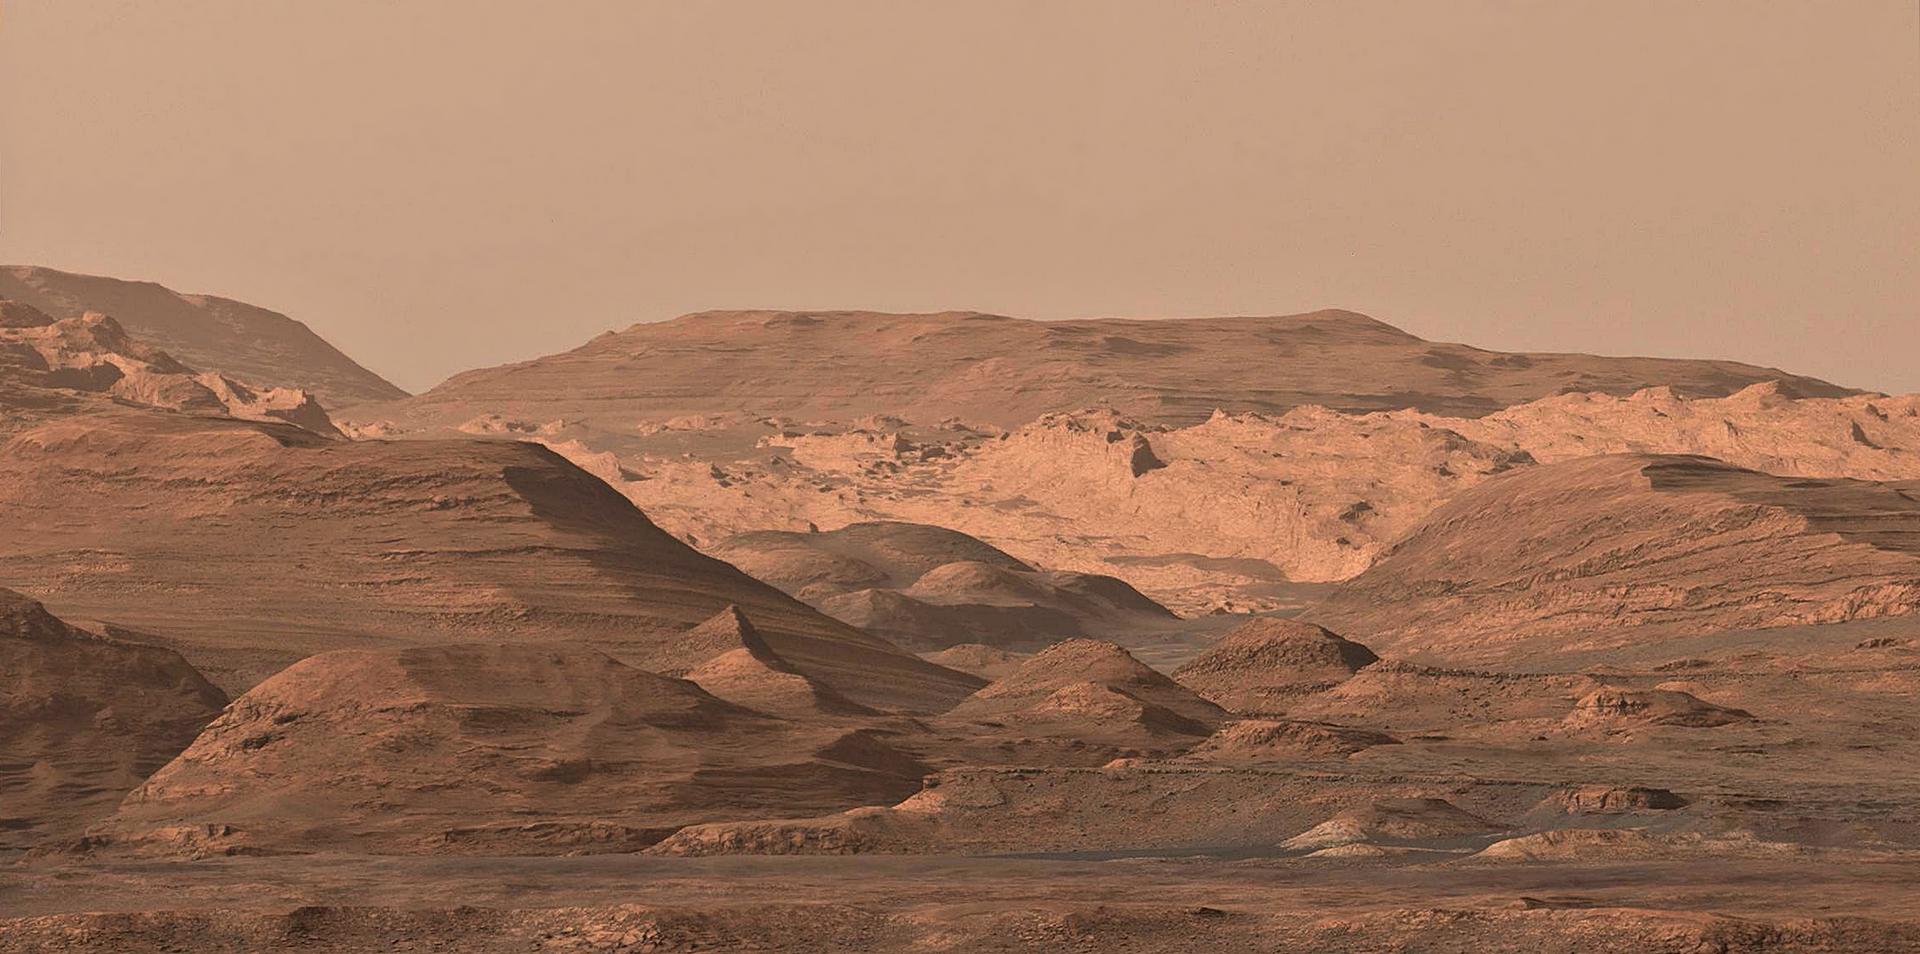 Marte in 4K - Sputnik Italia, 1920, 18.05.2021